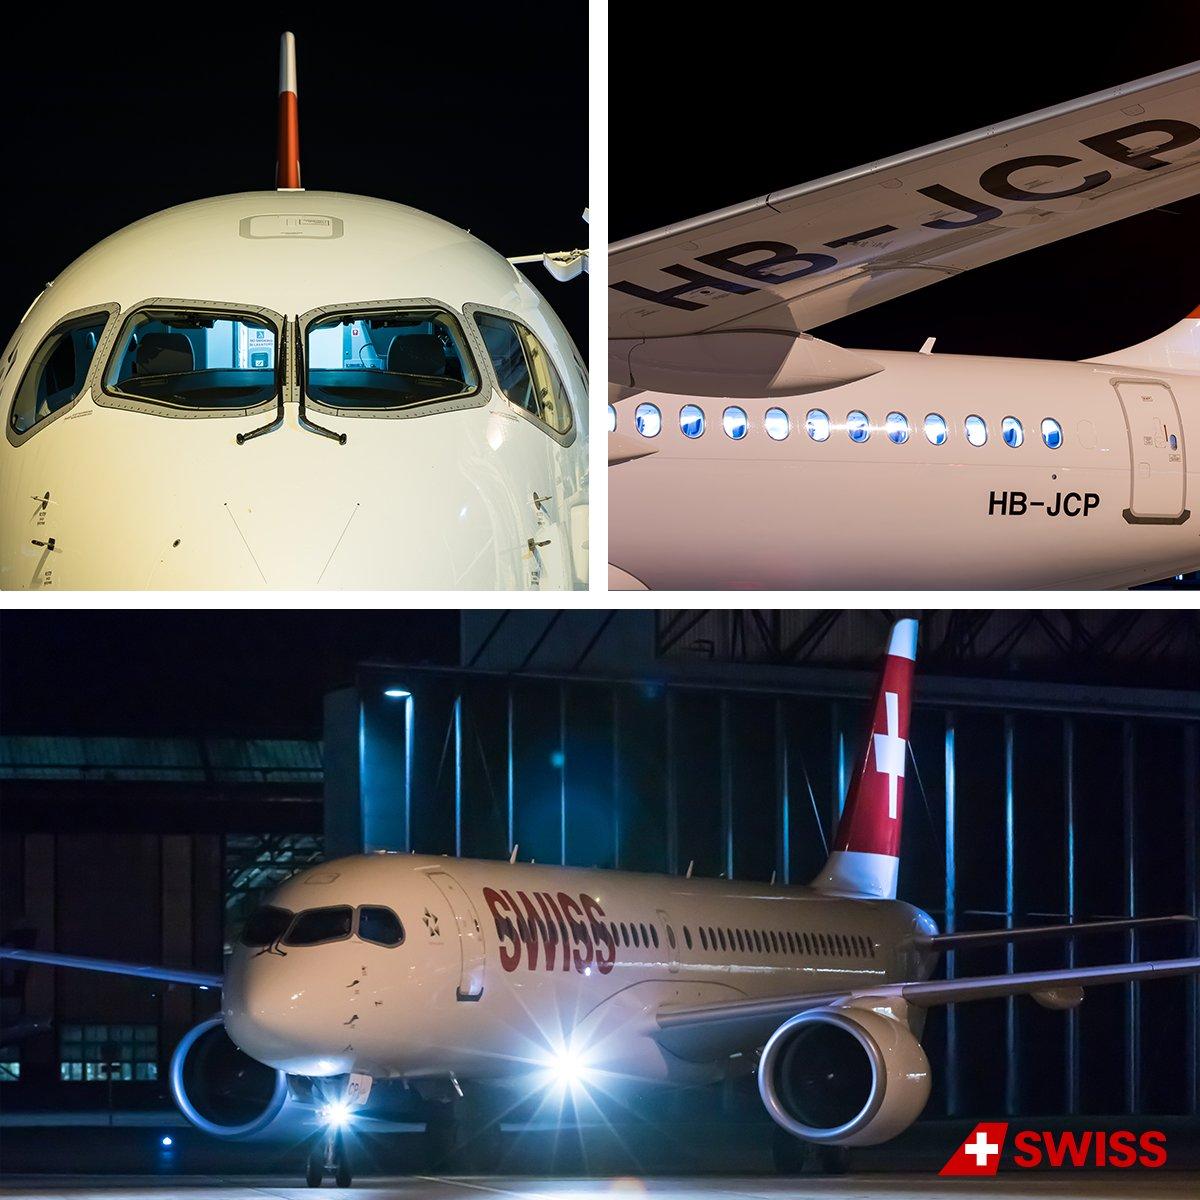 [HB-JCP] un A220-300 SWISS qui sera basé à Zurich